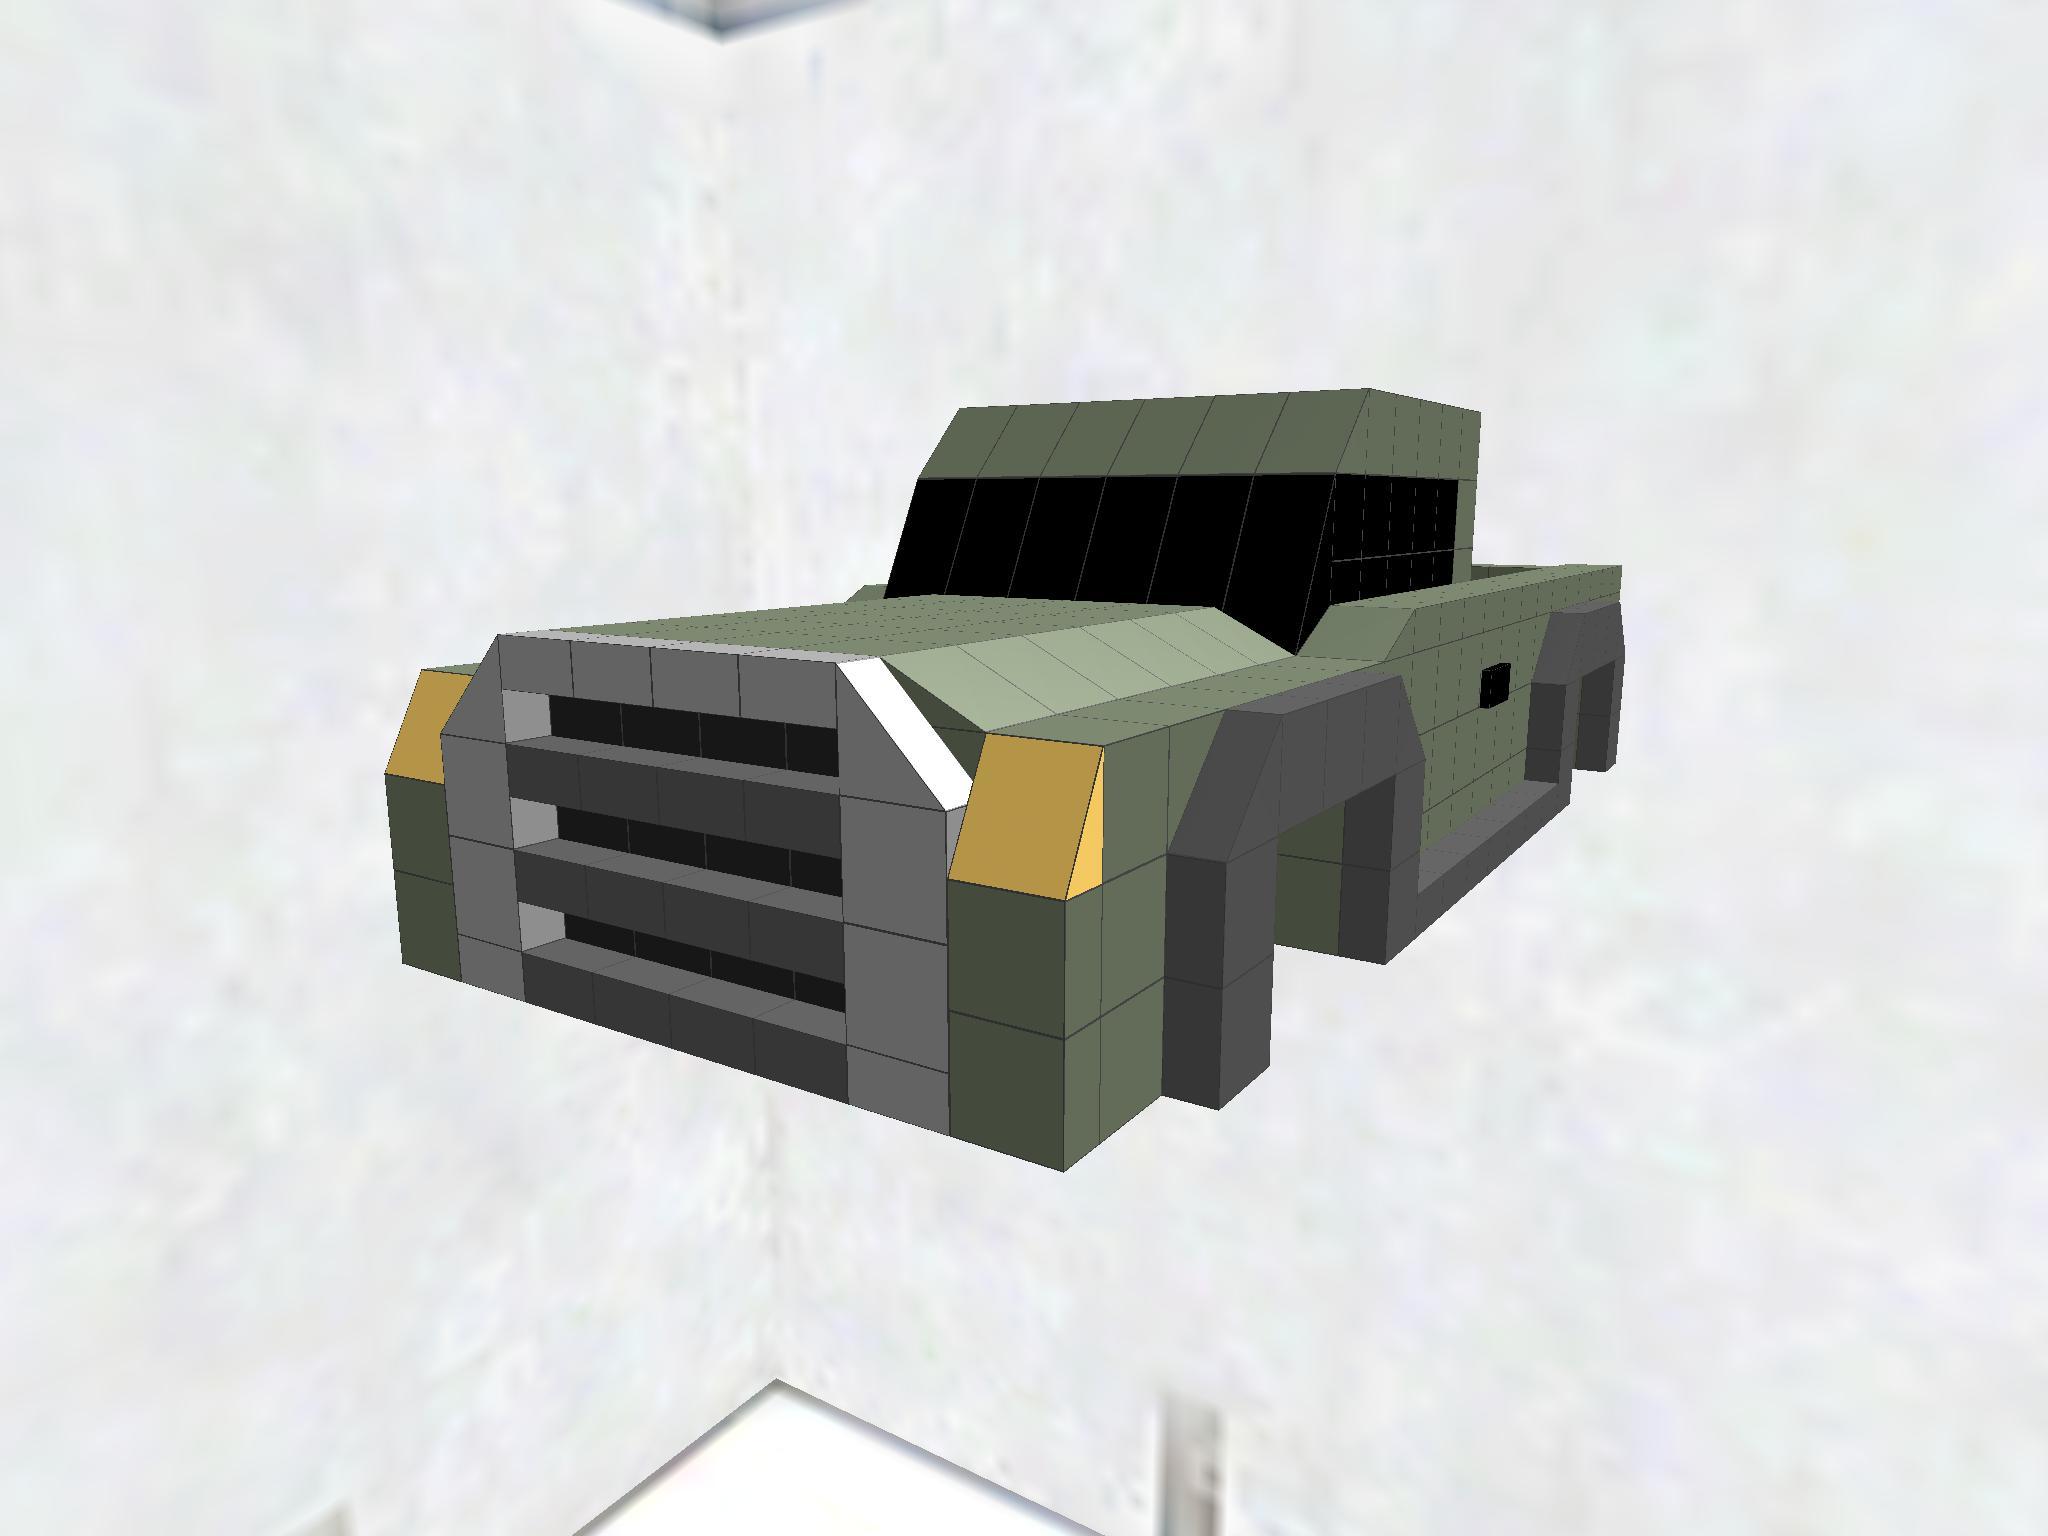 VecTrec Forge